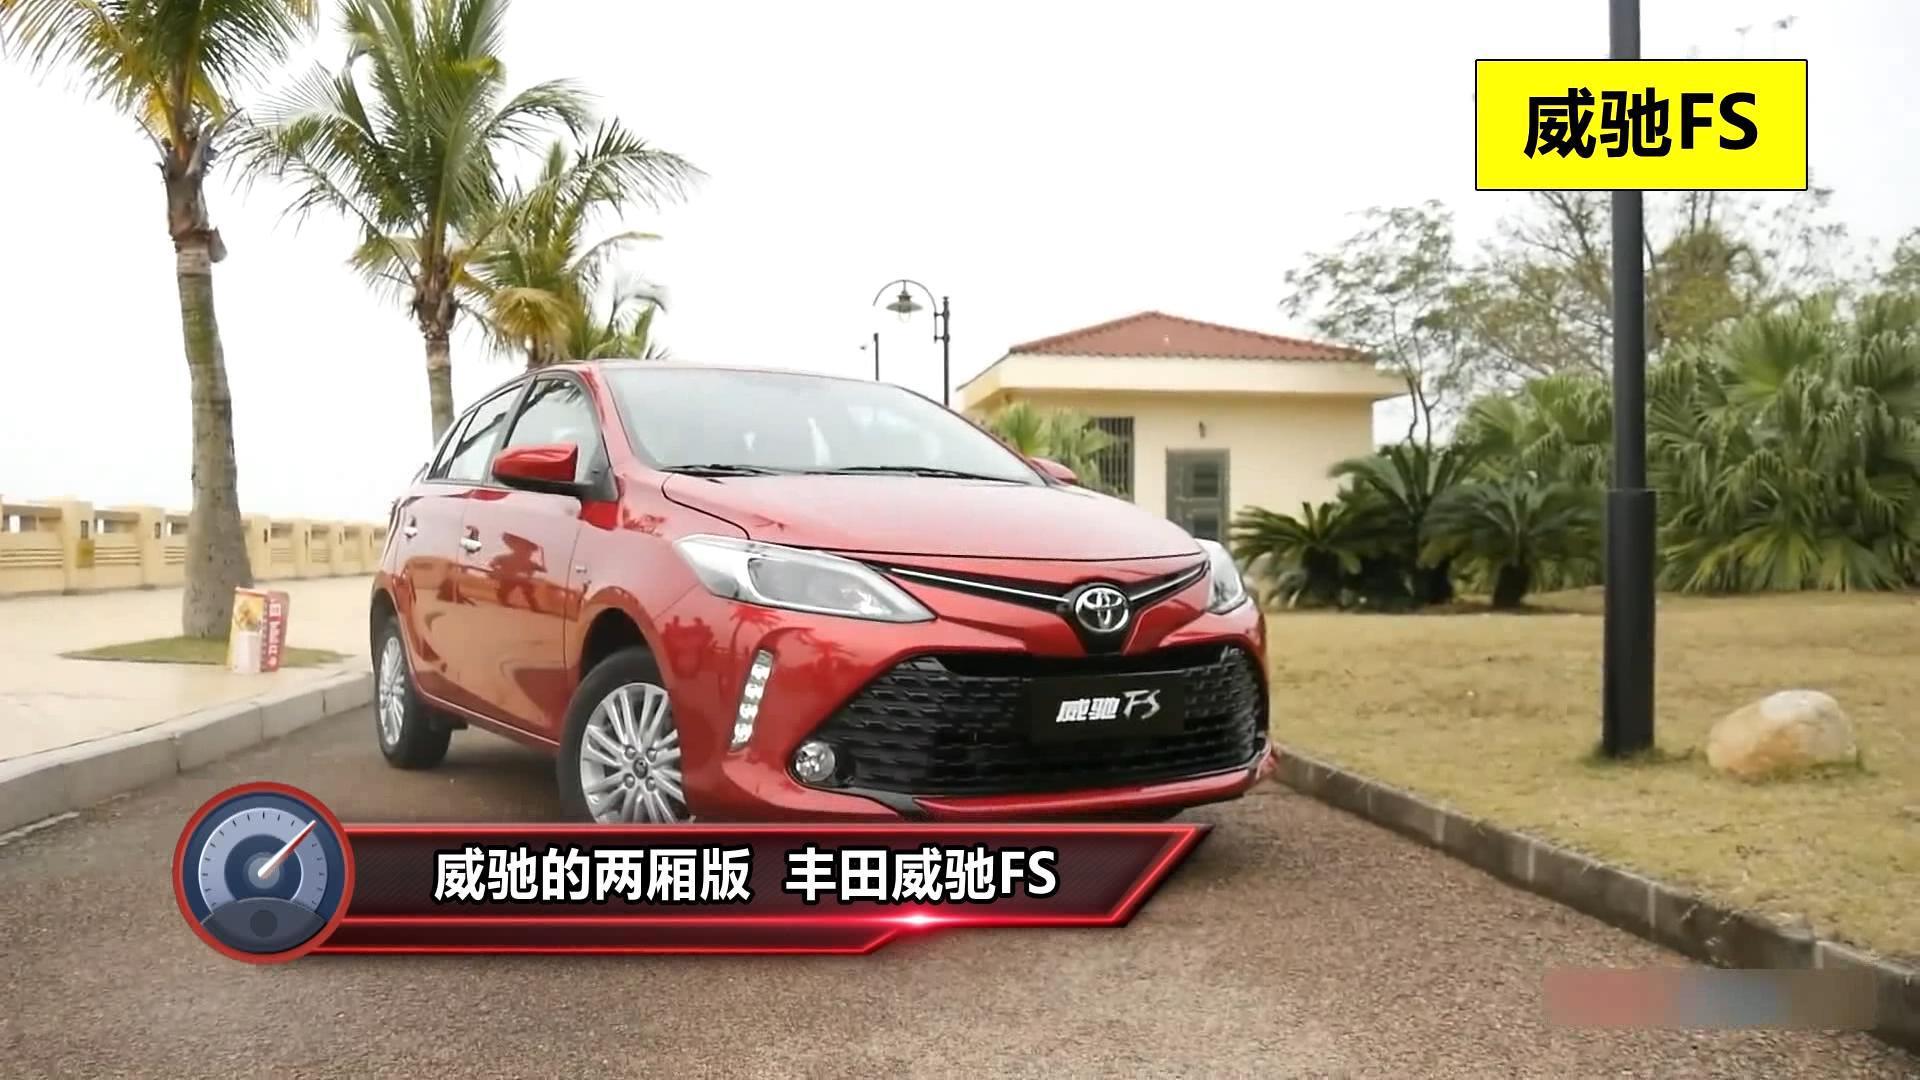 视频:威驰的两厢版 丰田威驰FS值得购买吗?